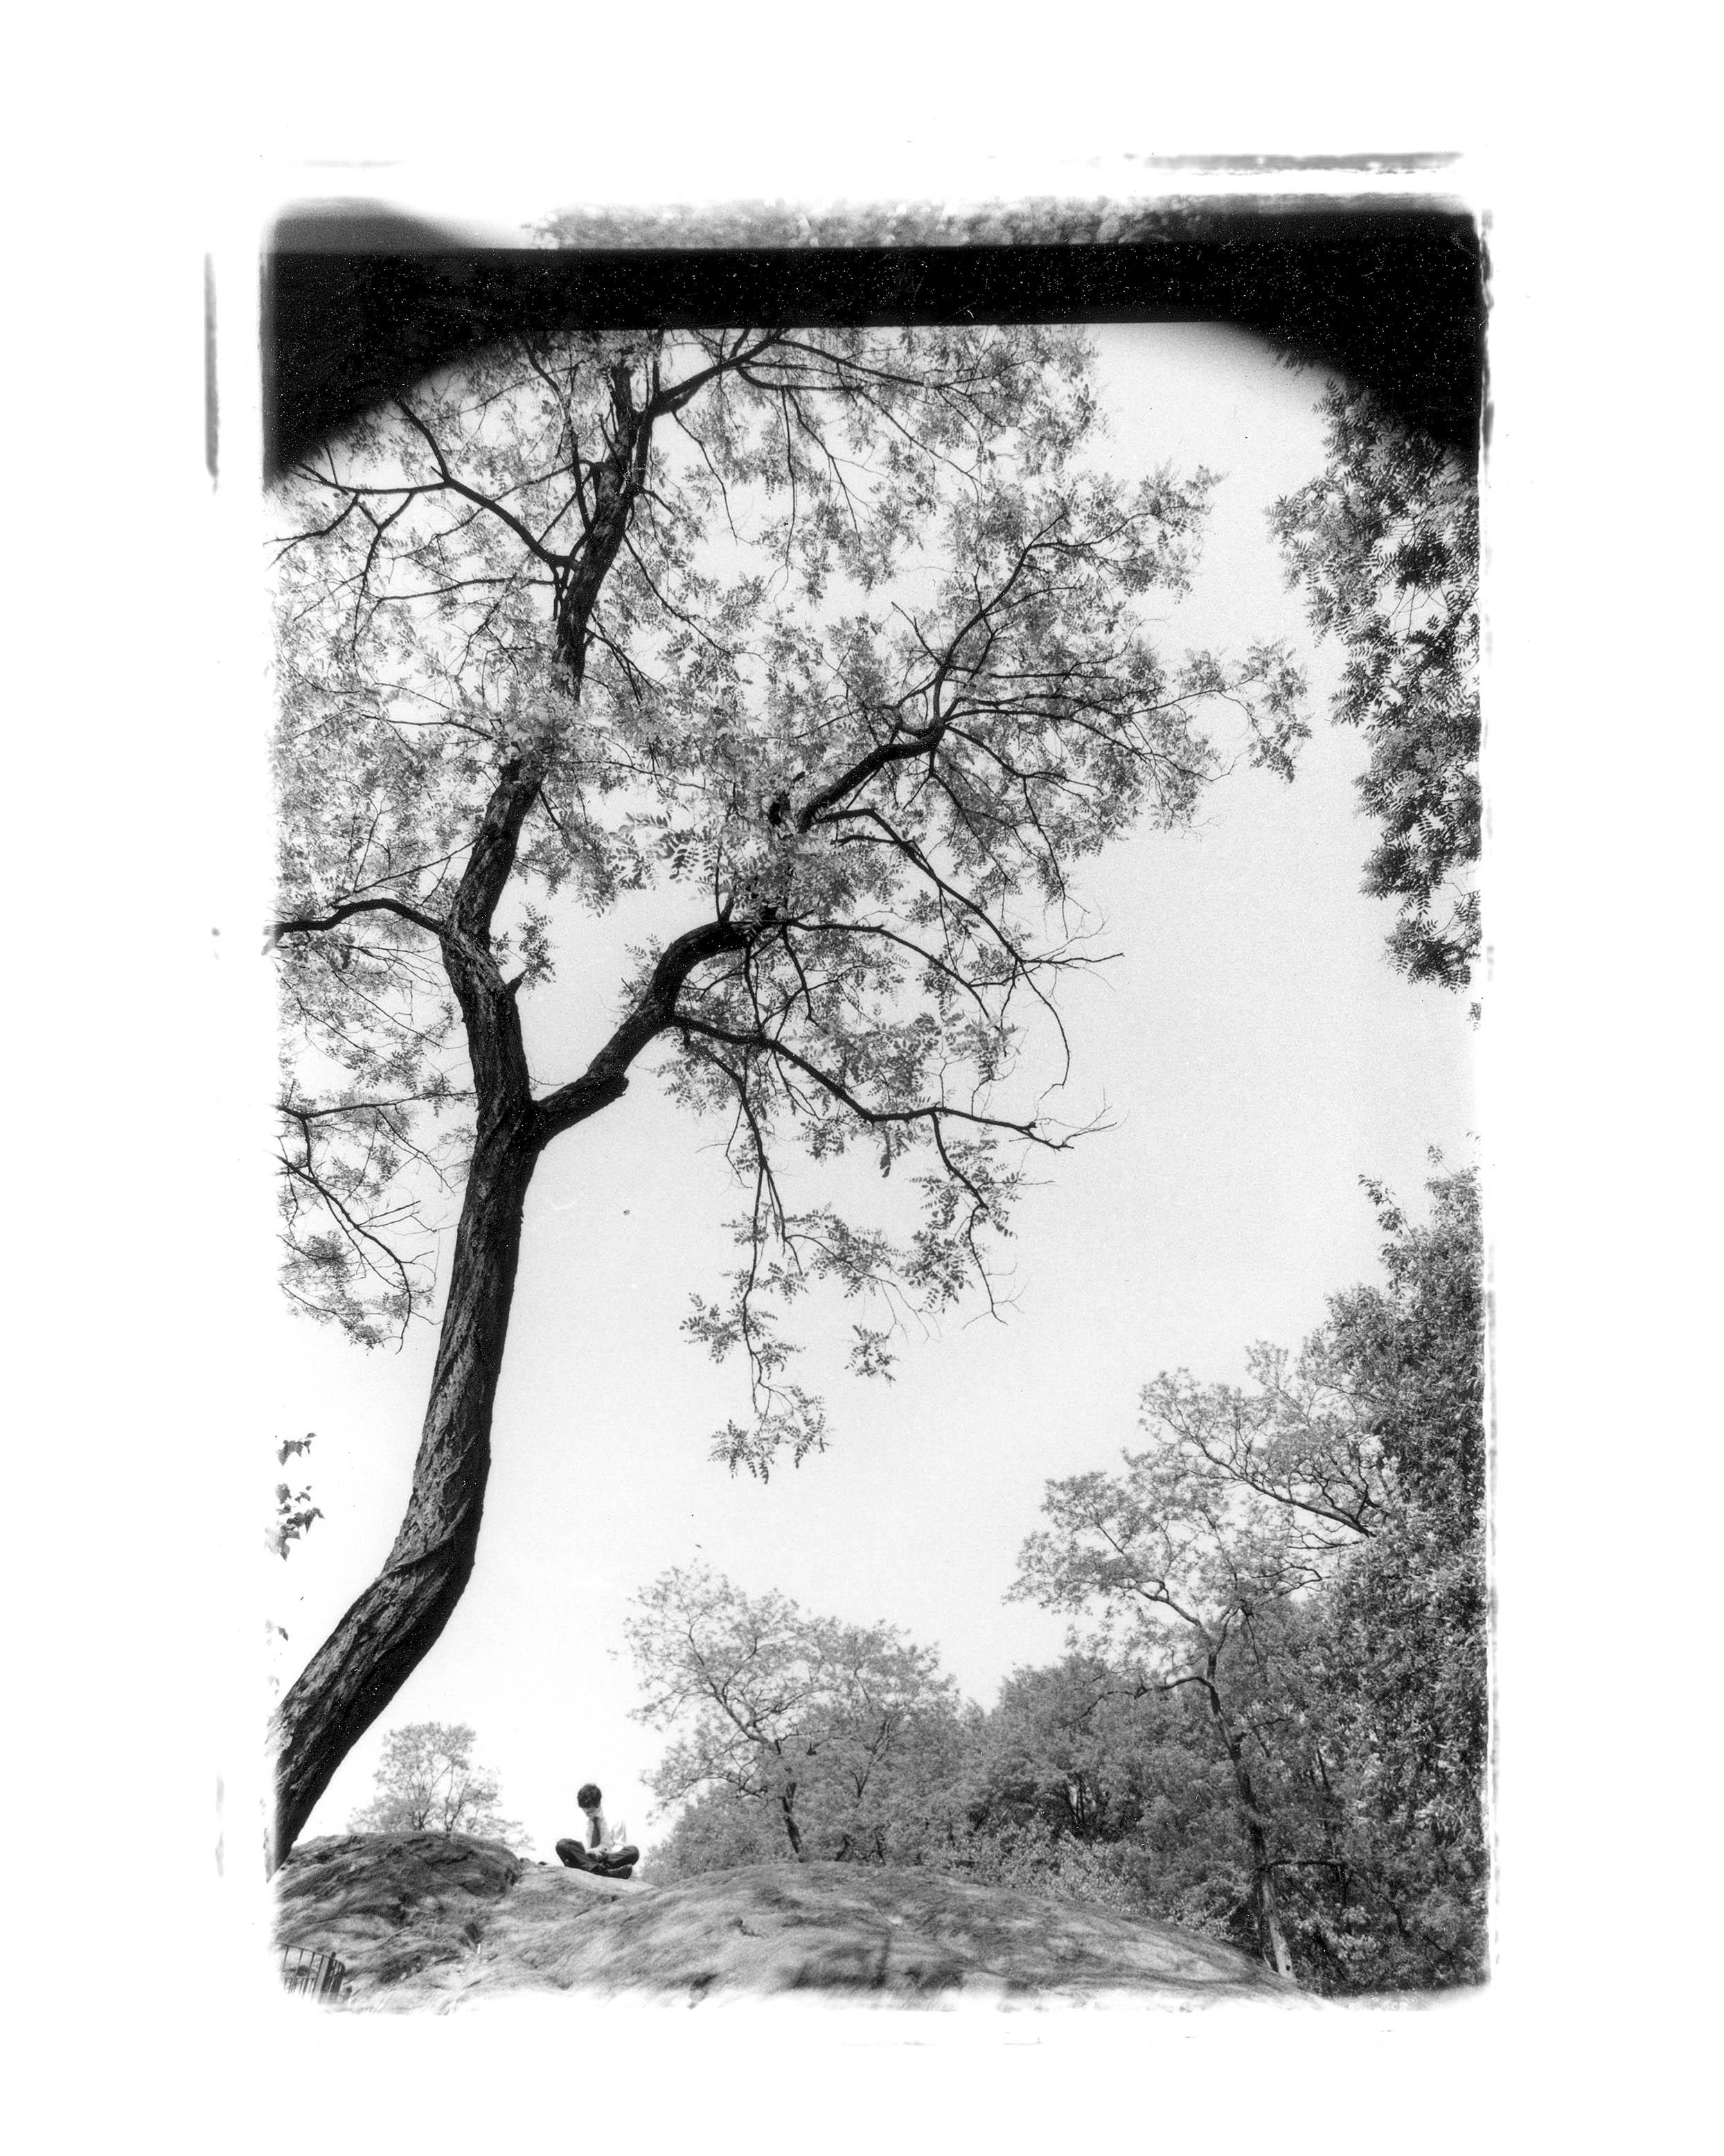 shane_deruise_alleyways_man_under_tree.jpg